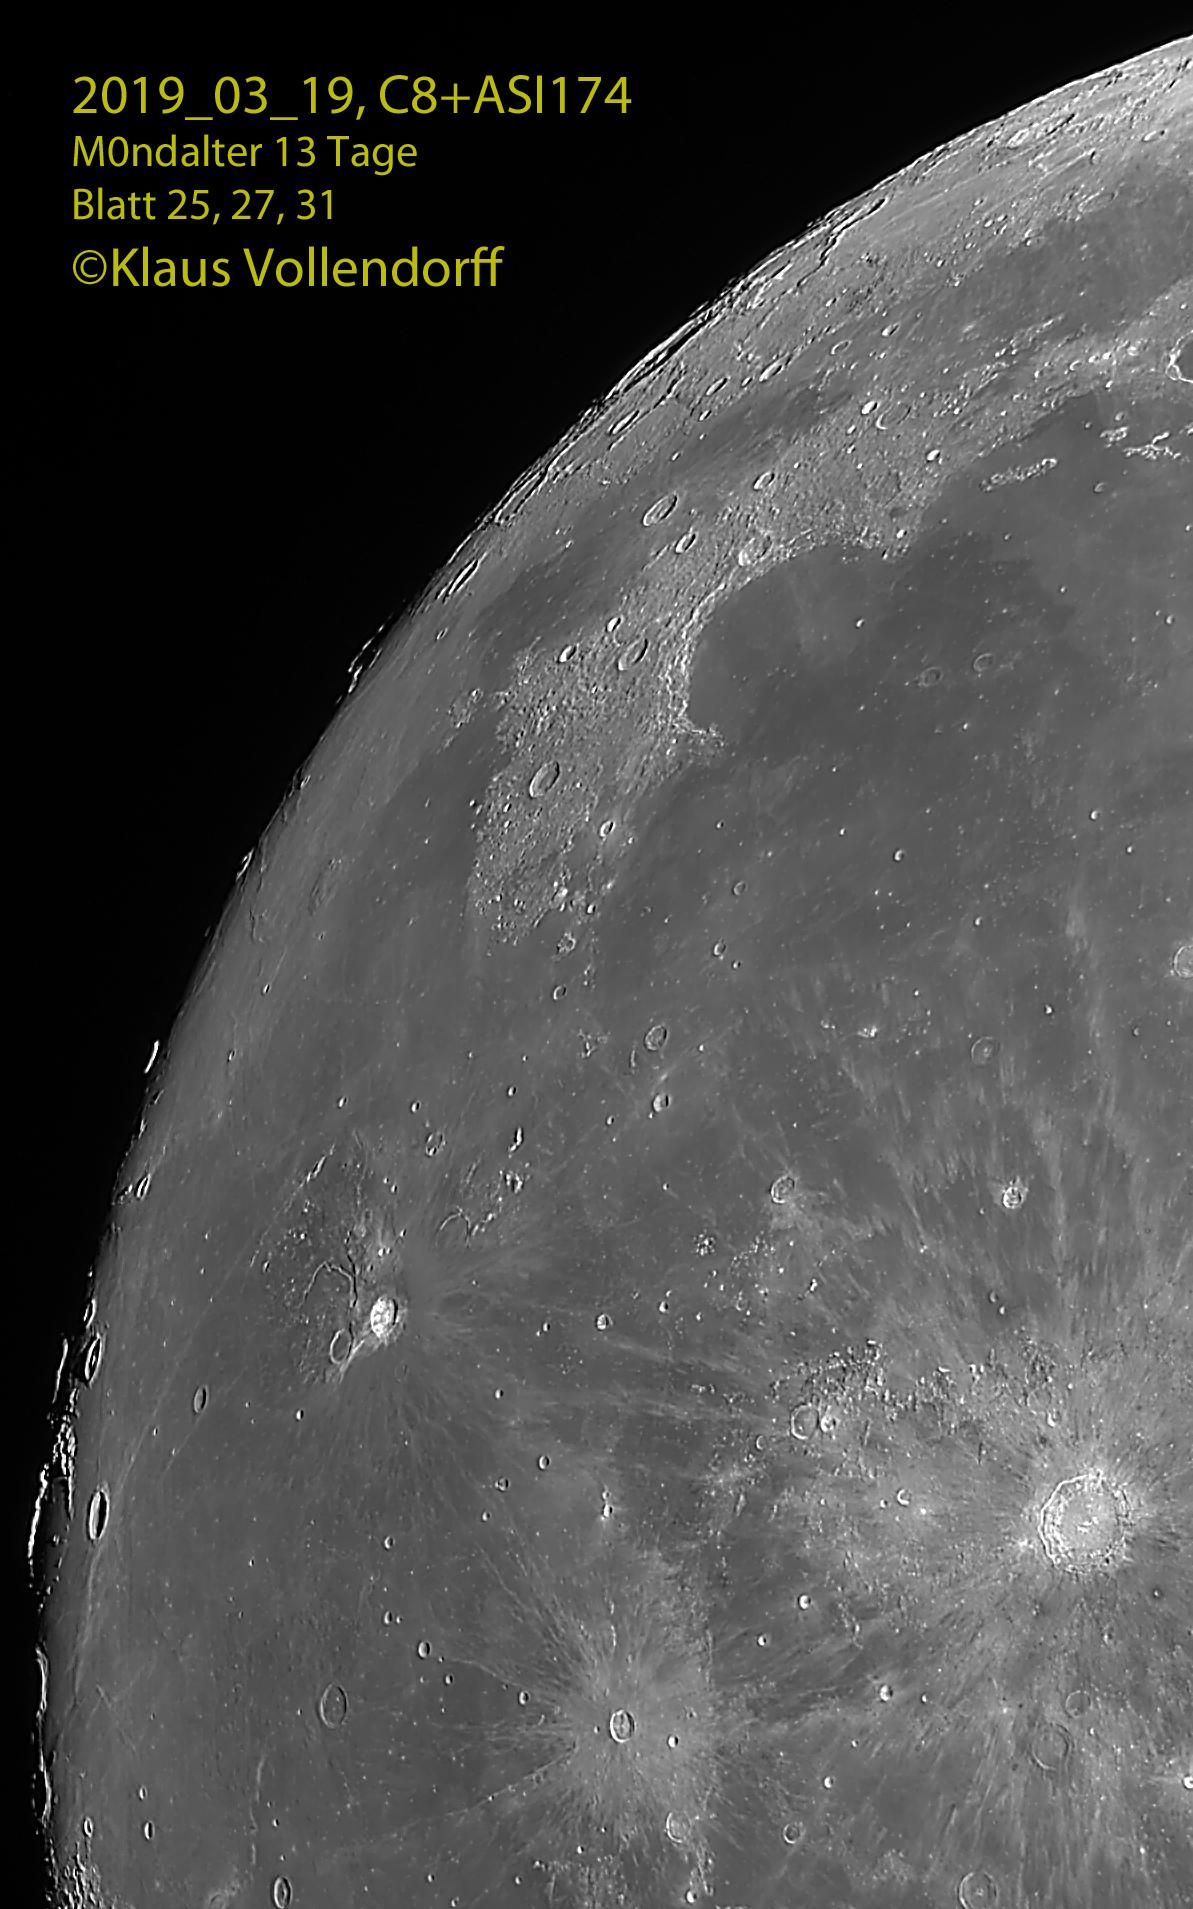 Sinus Iridum, Mare Imbrium, Vallis Schröteri